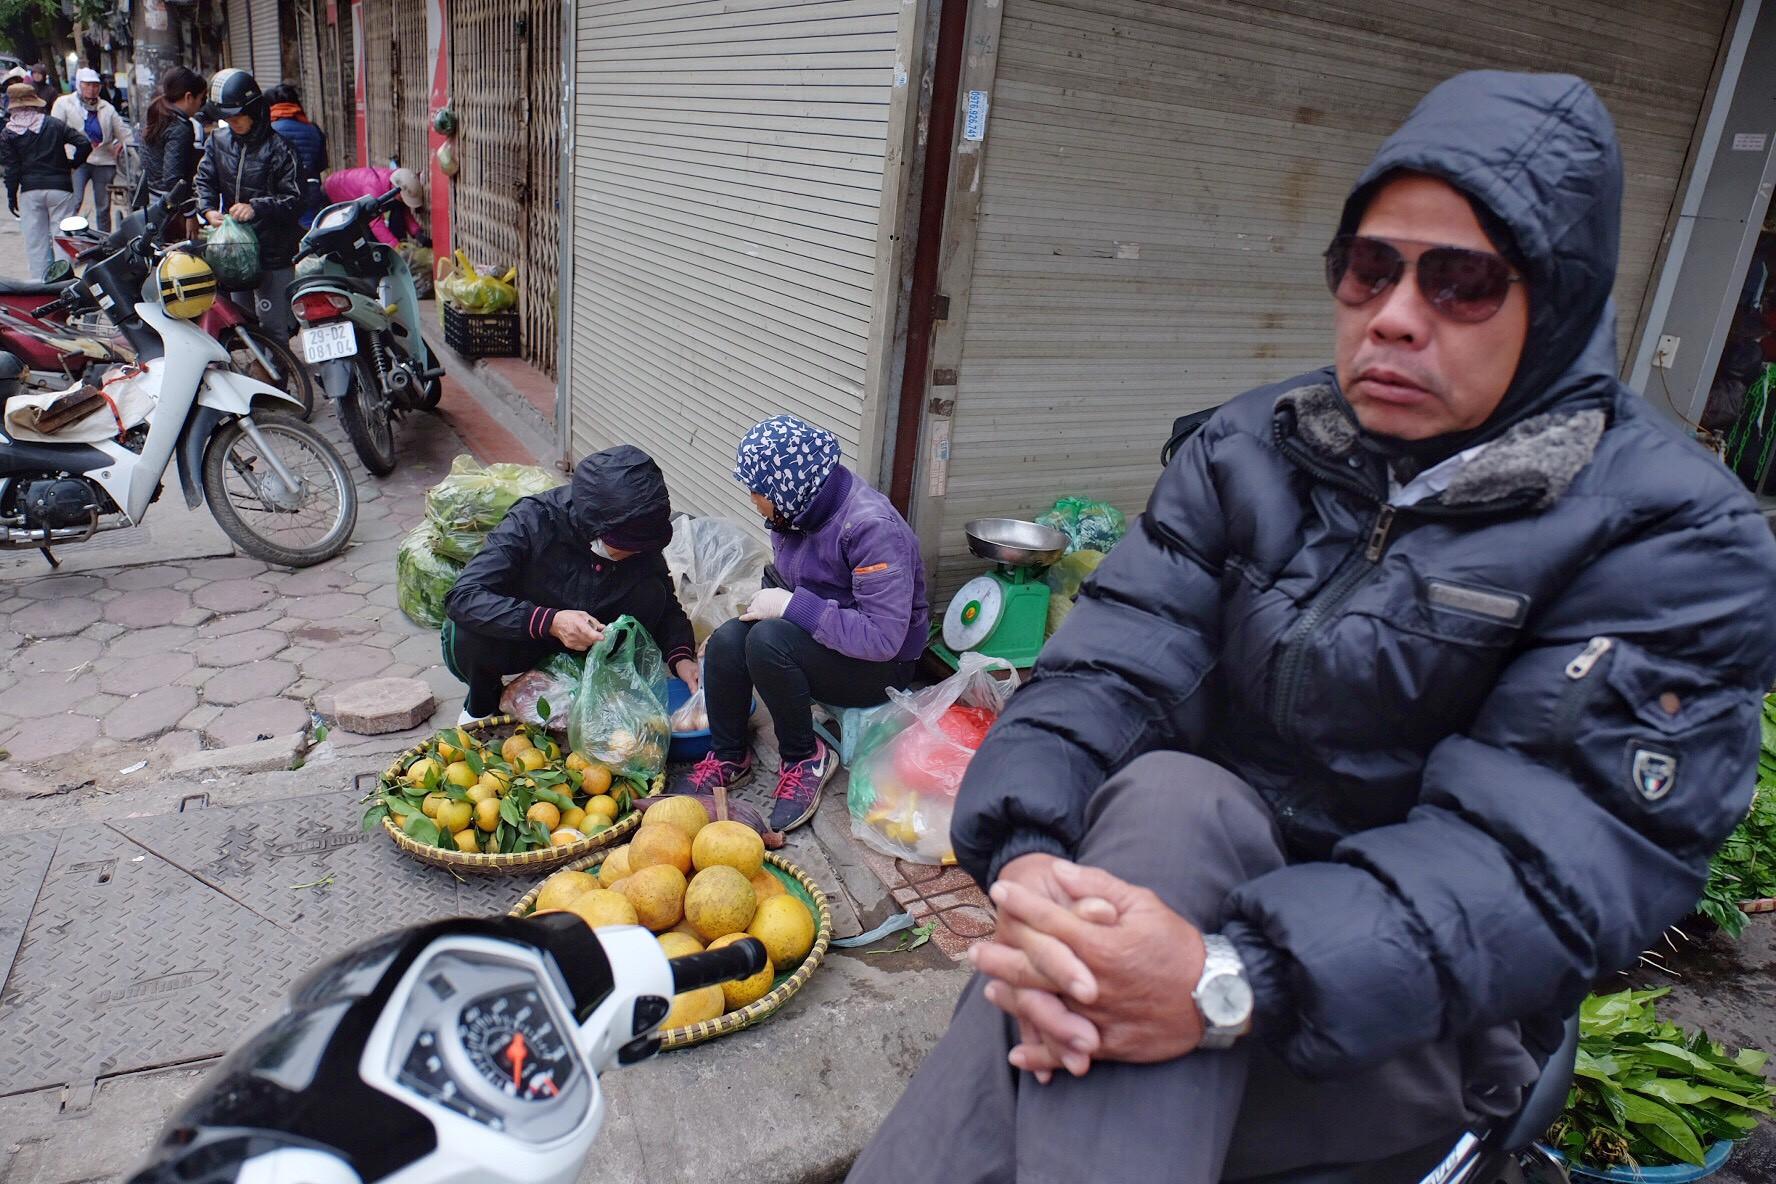 Chùm ảnh: Người Hà Nội co ro xuống phố trong cái lạnh kỷ lục từ đầu mùa - Ảnh 9.